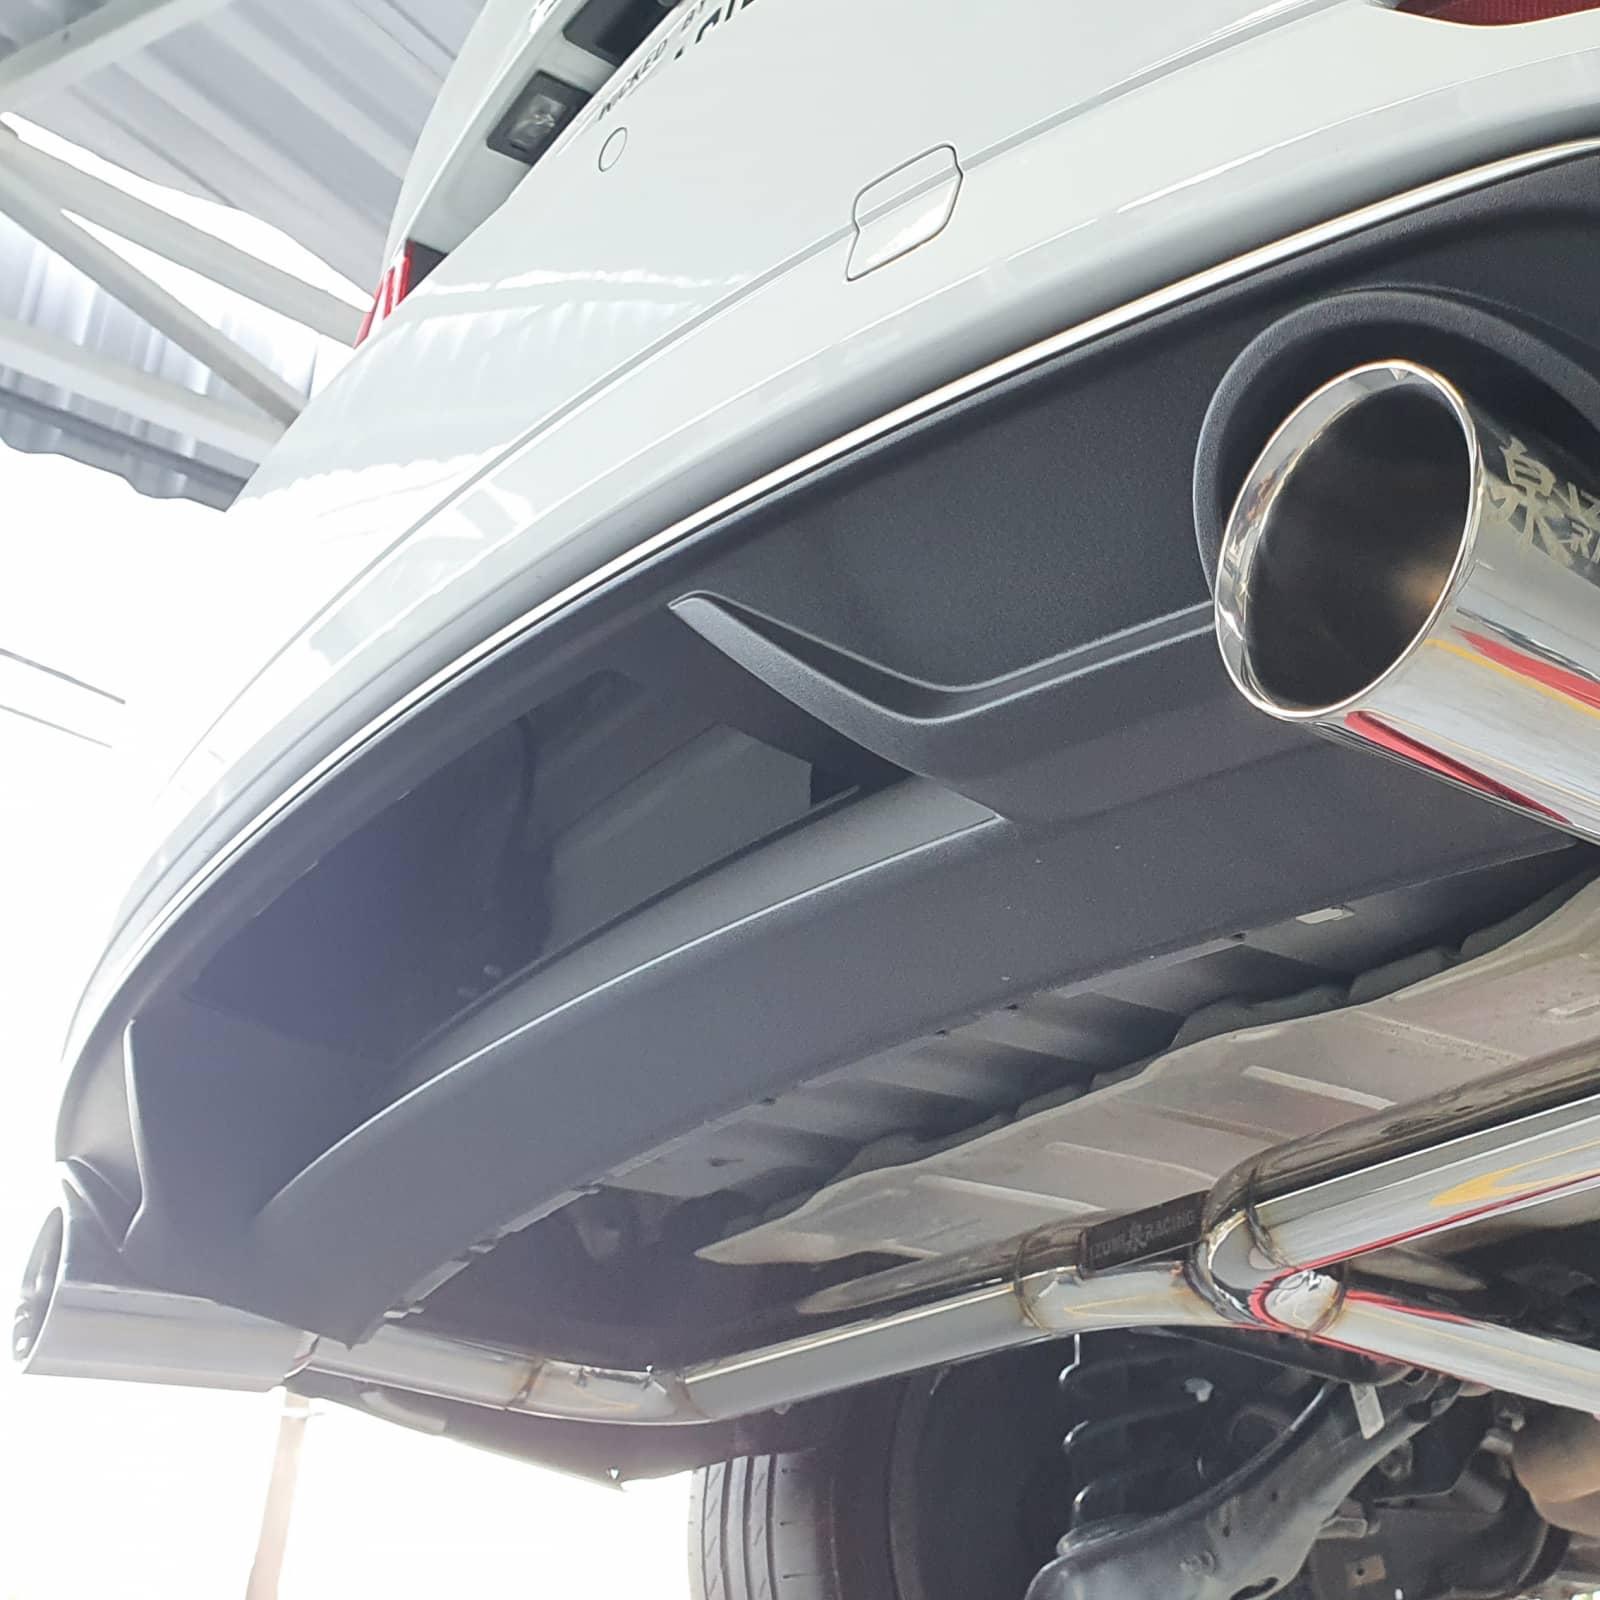 Eliminador traseiro Audi A3 Sedan